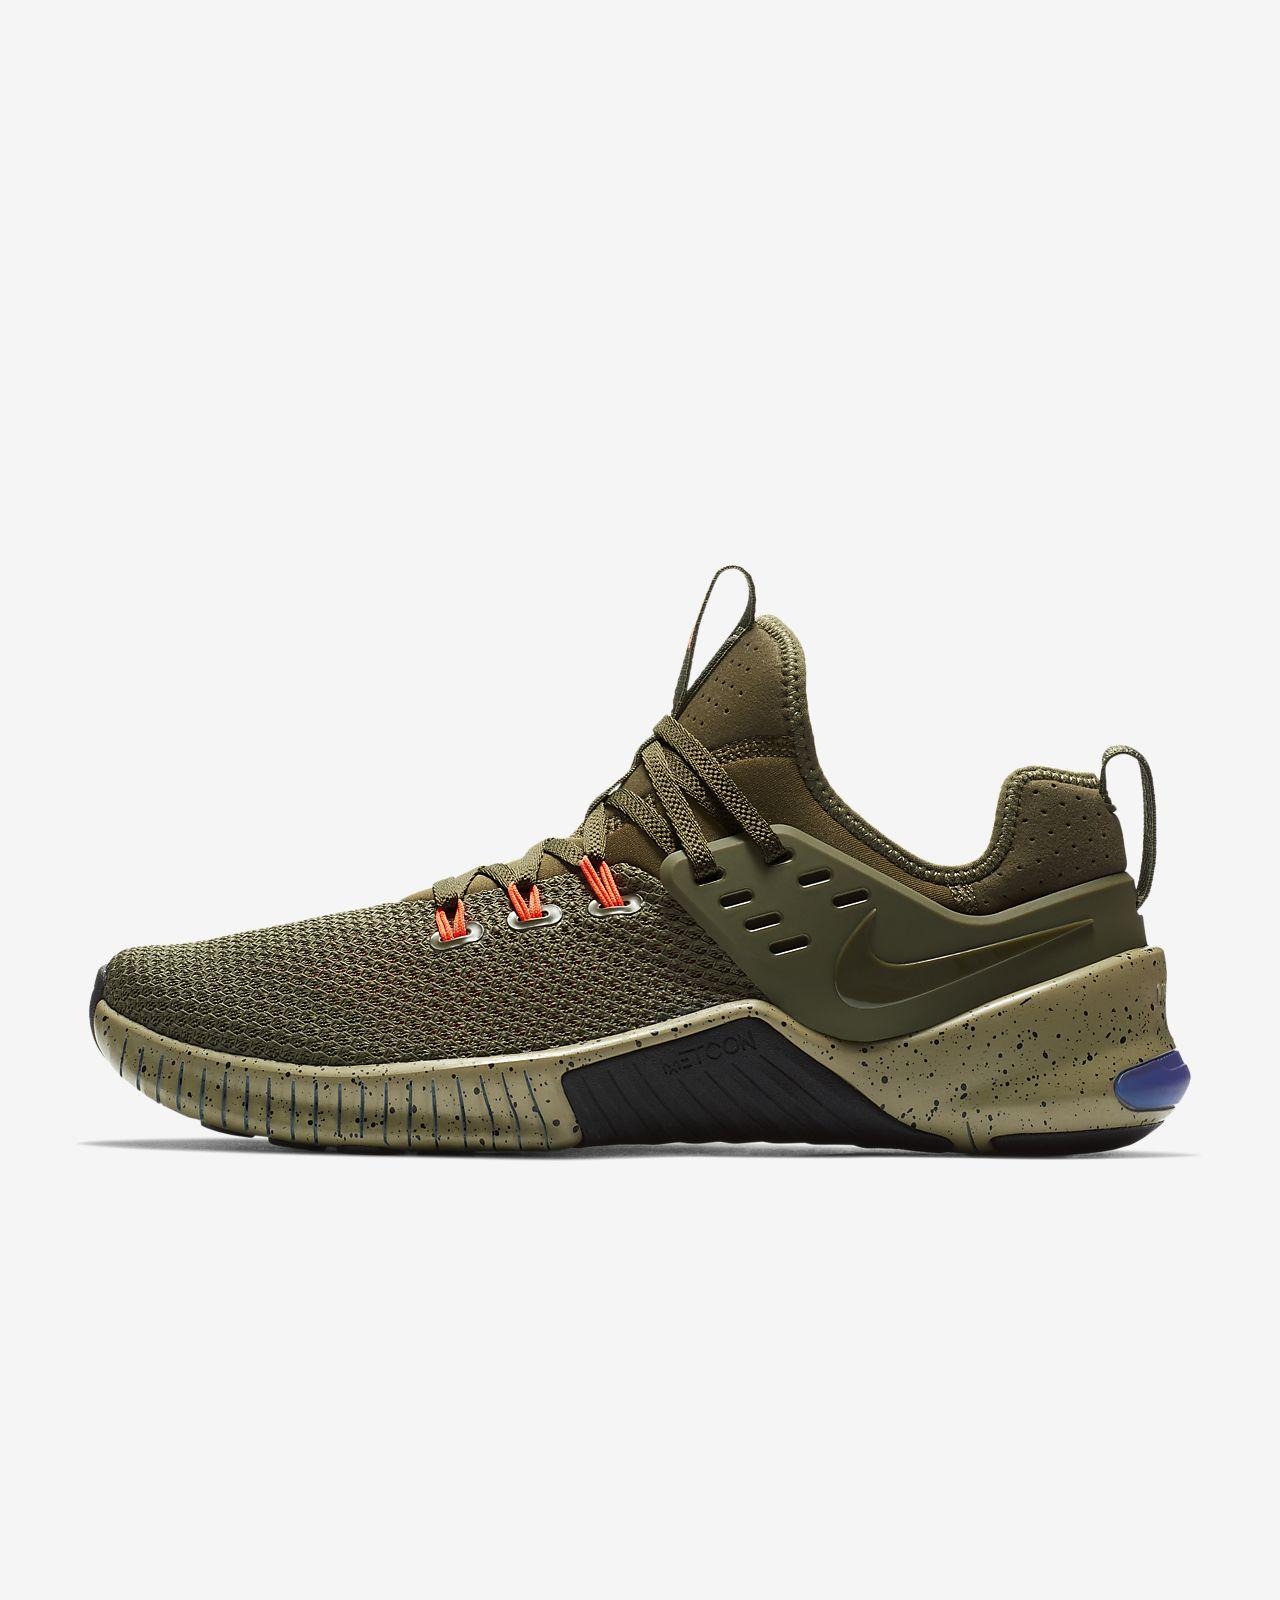 3b7e4166b4c9 Nike Free x Metcon Cross-Training Weightlifting Shoe. Nike.com IN